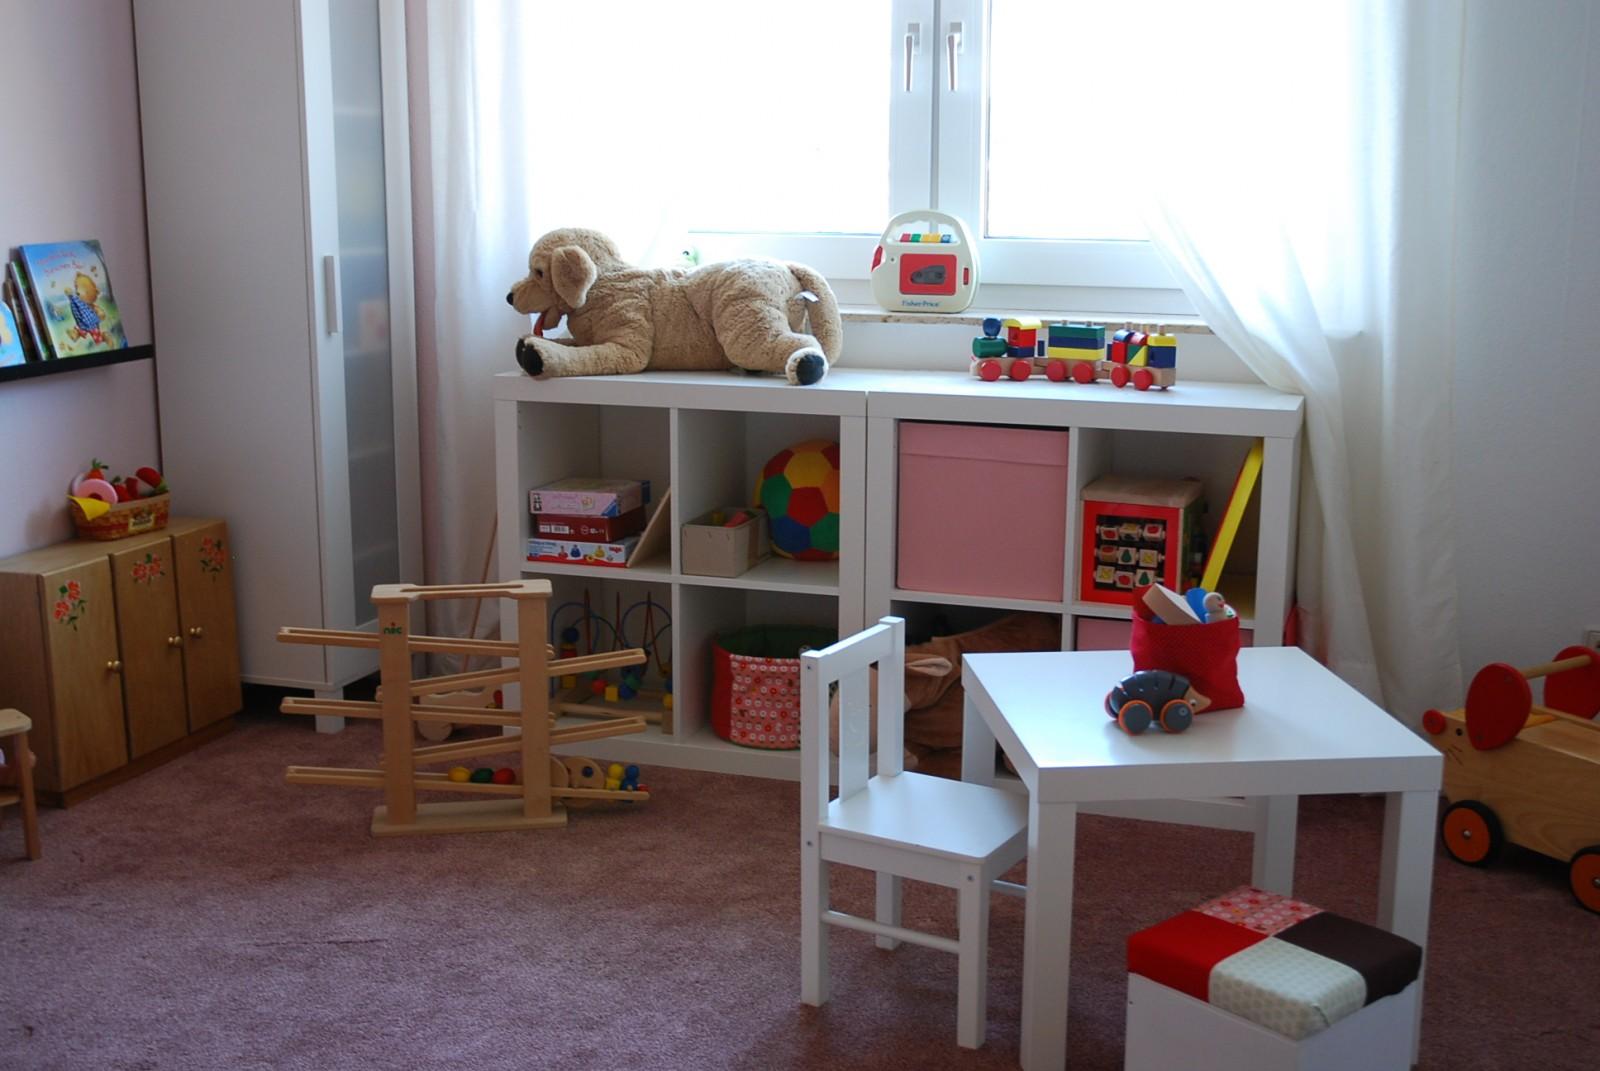 kinderzimmer 39 spielzimmer 39 wohngl ck zimmerschau